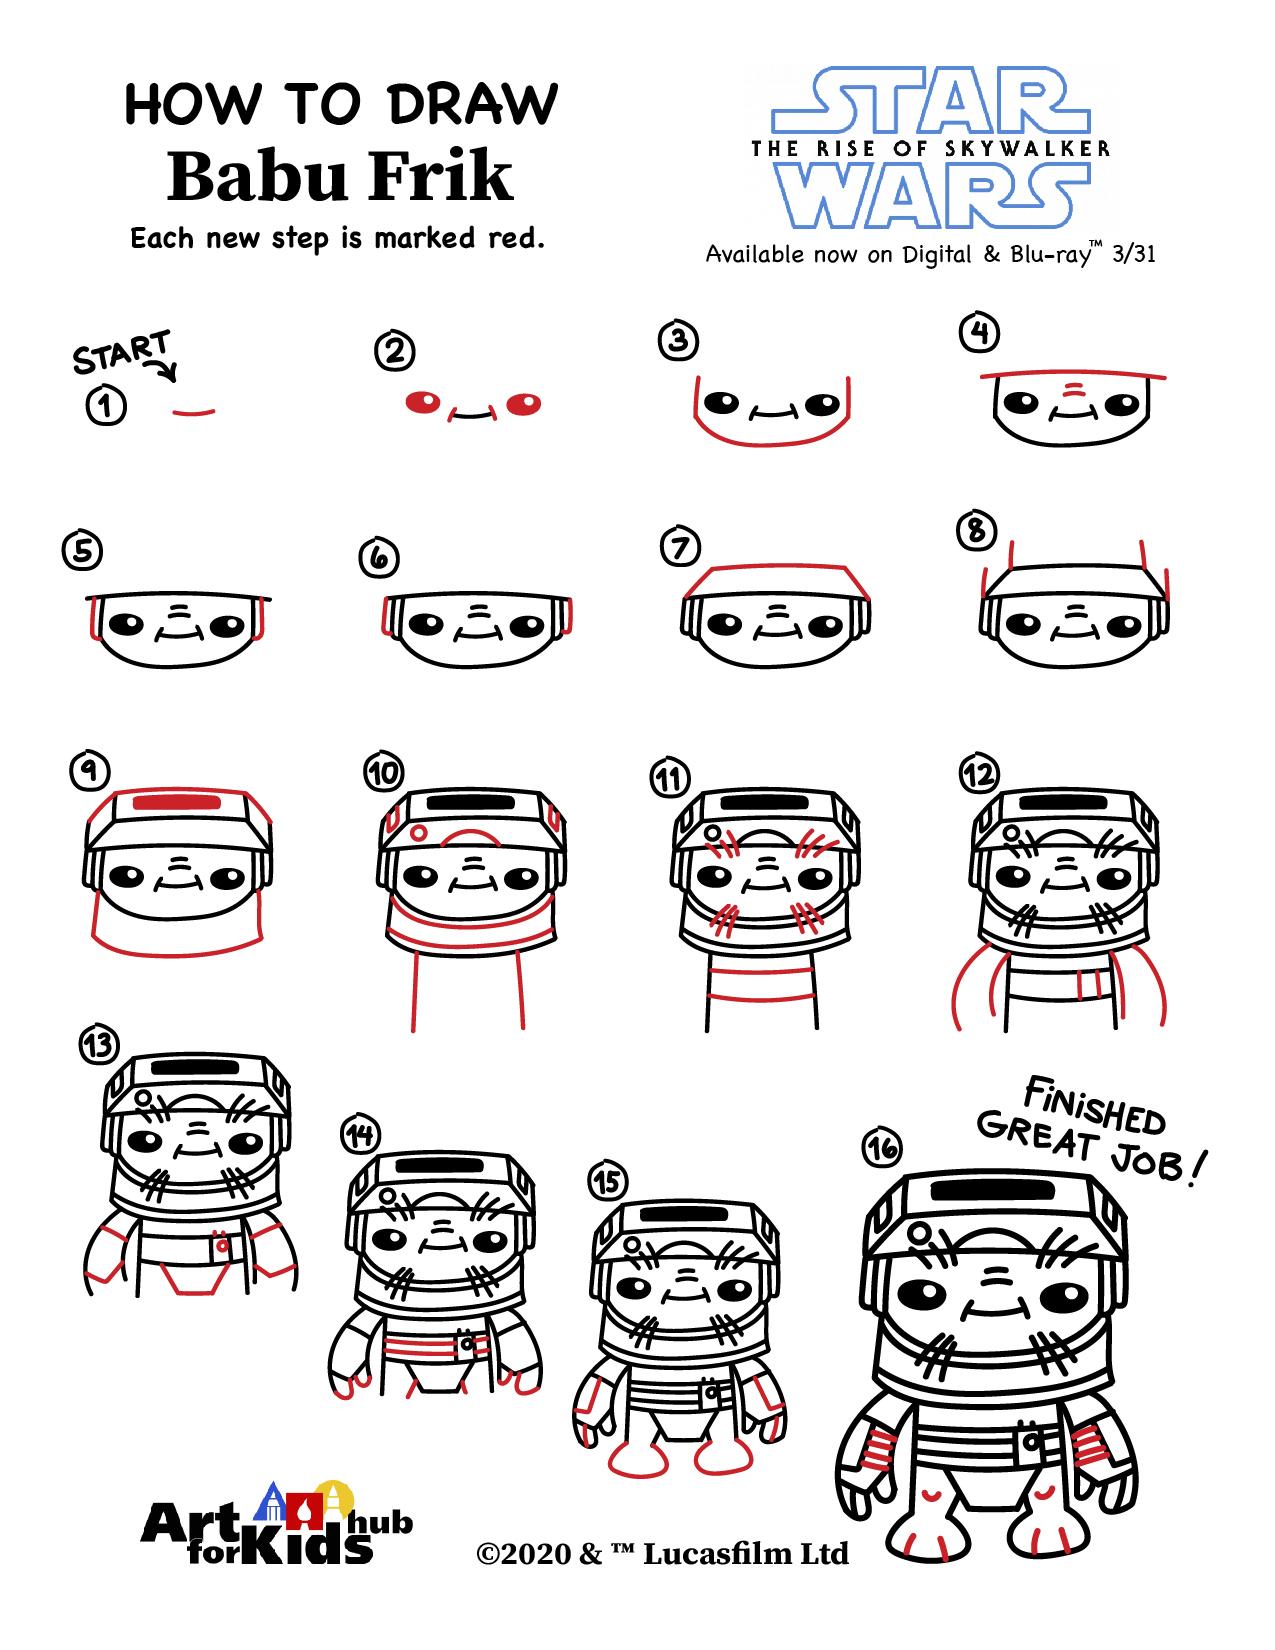 como dibujar Babu Frik paso a paso